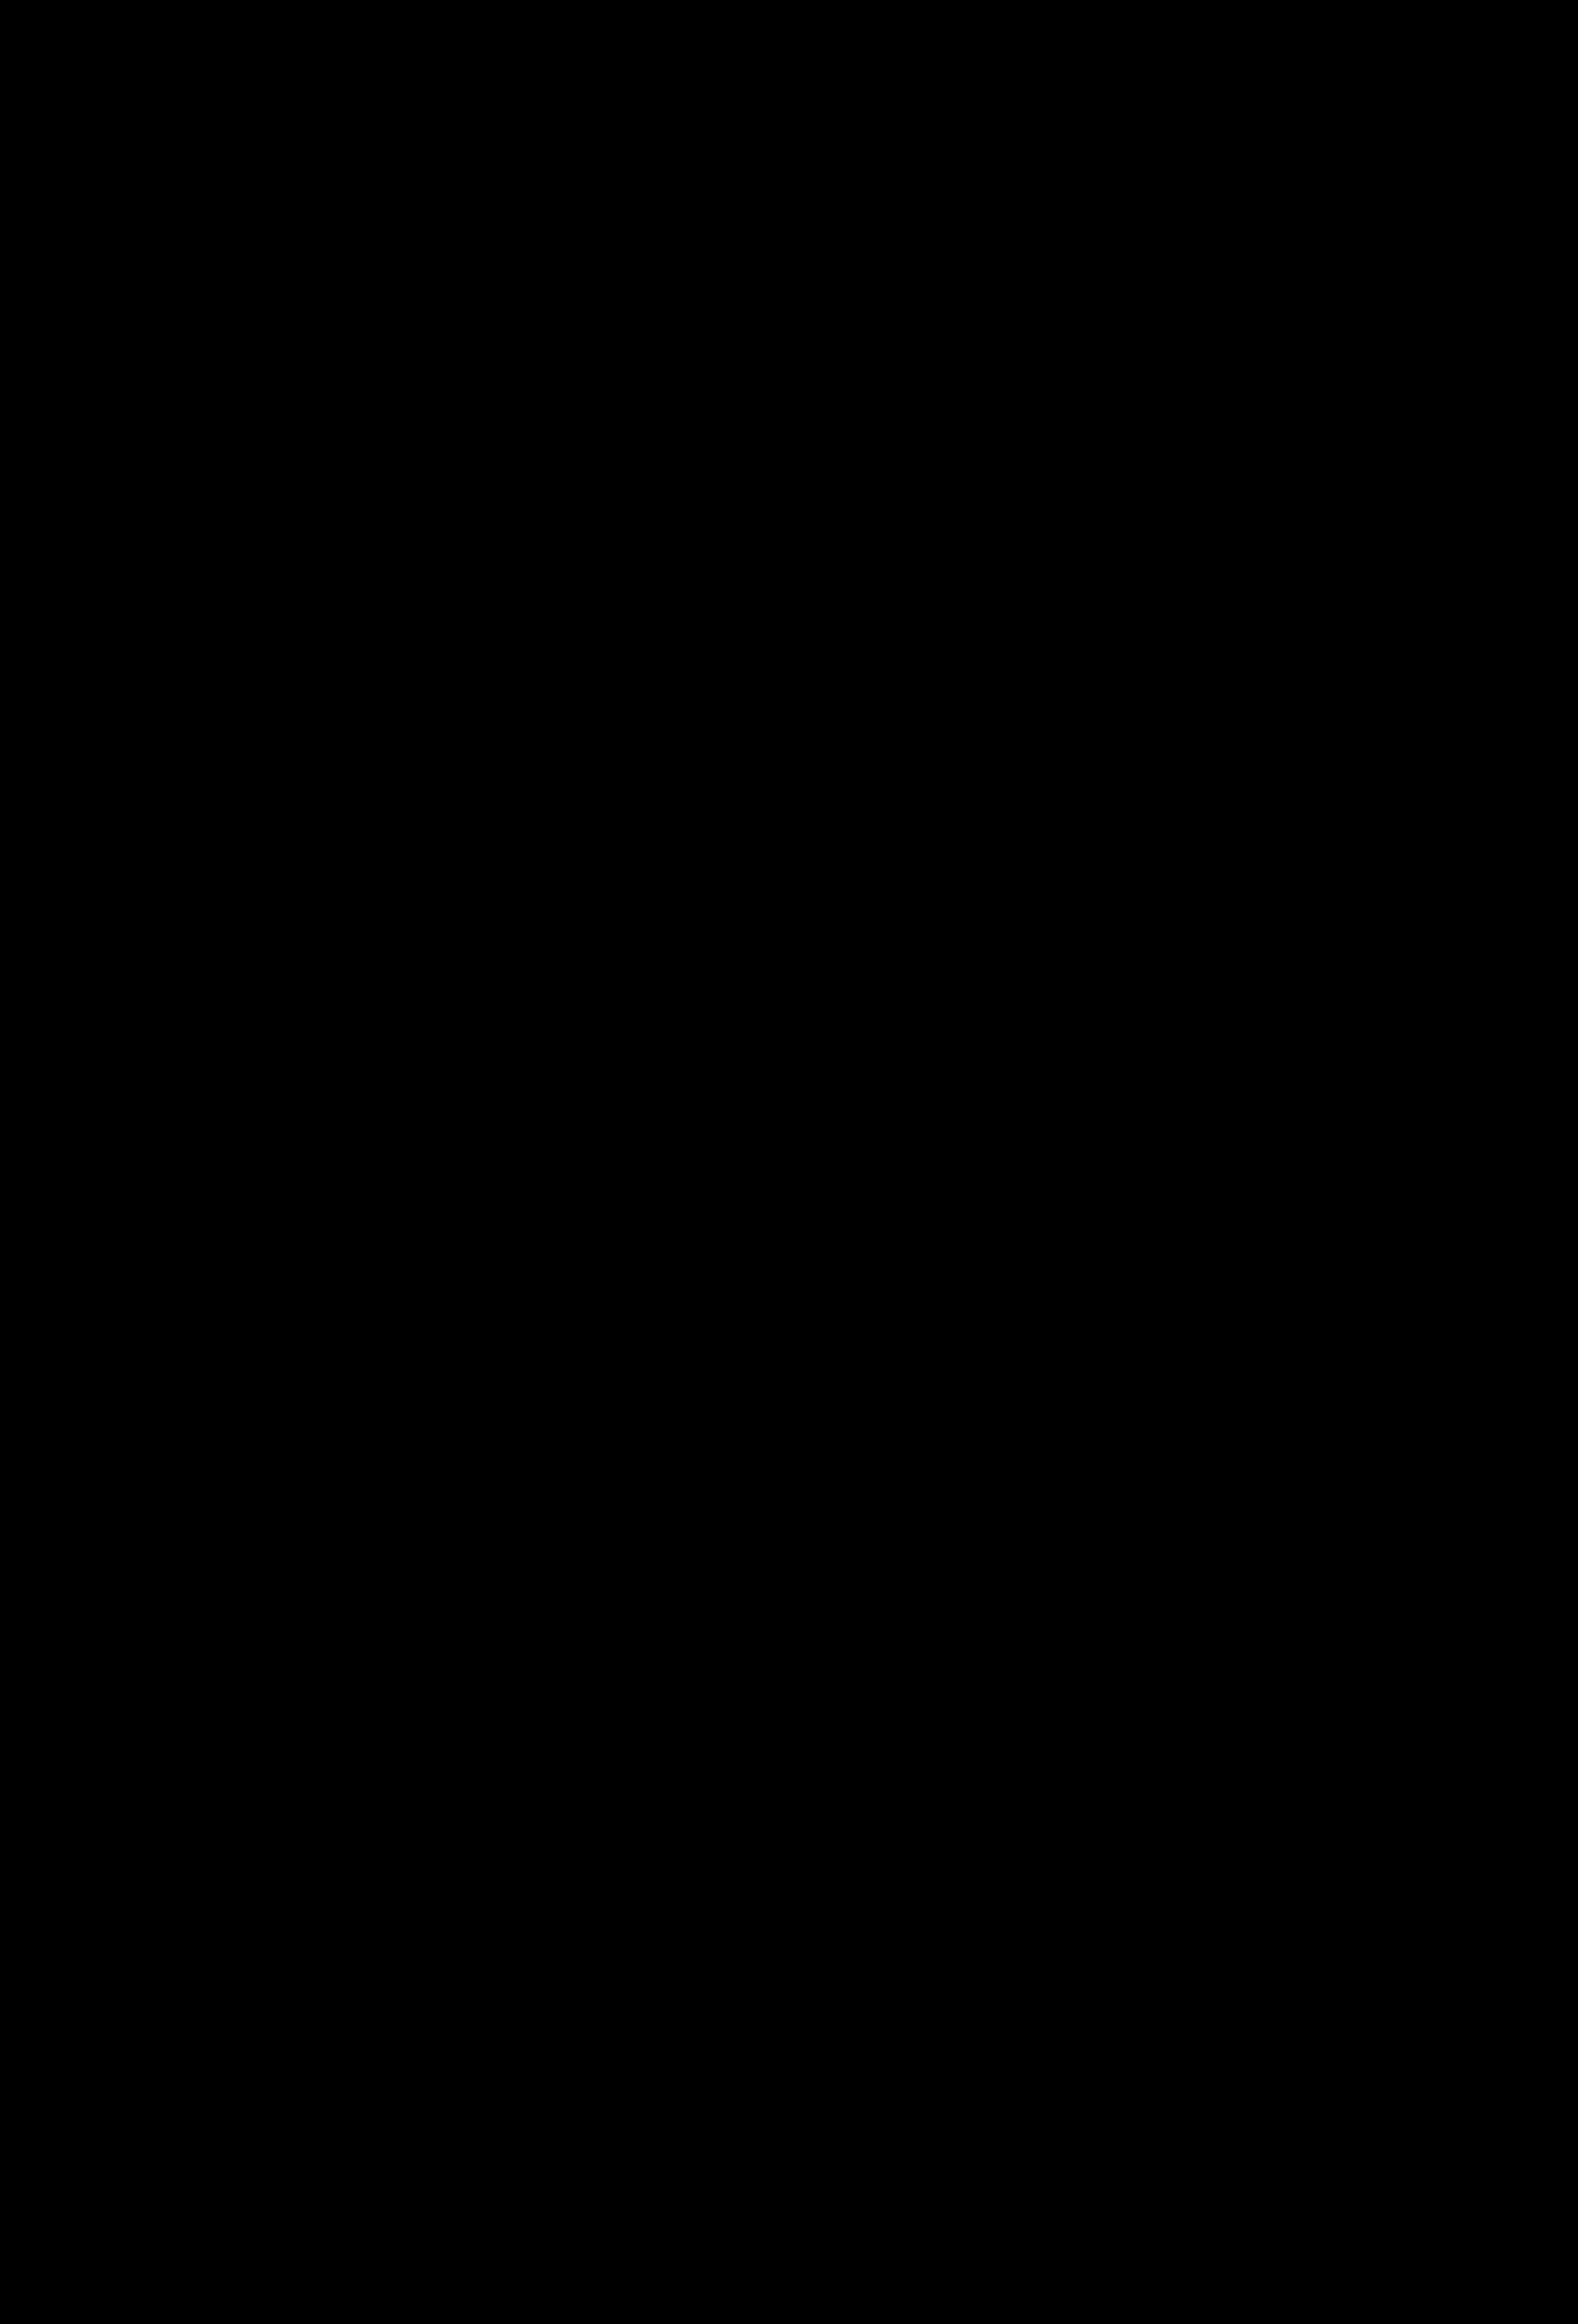 MEMORIAS Y LUGARES DE MEMORIA DE EUROPA/MEMOIRES ET LIEUX DE MEMOIRE EN EUROPE/MEMORIES AND PLACES O